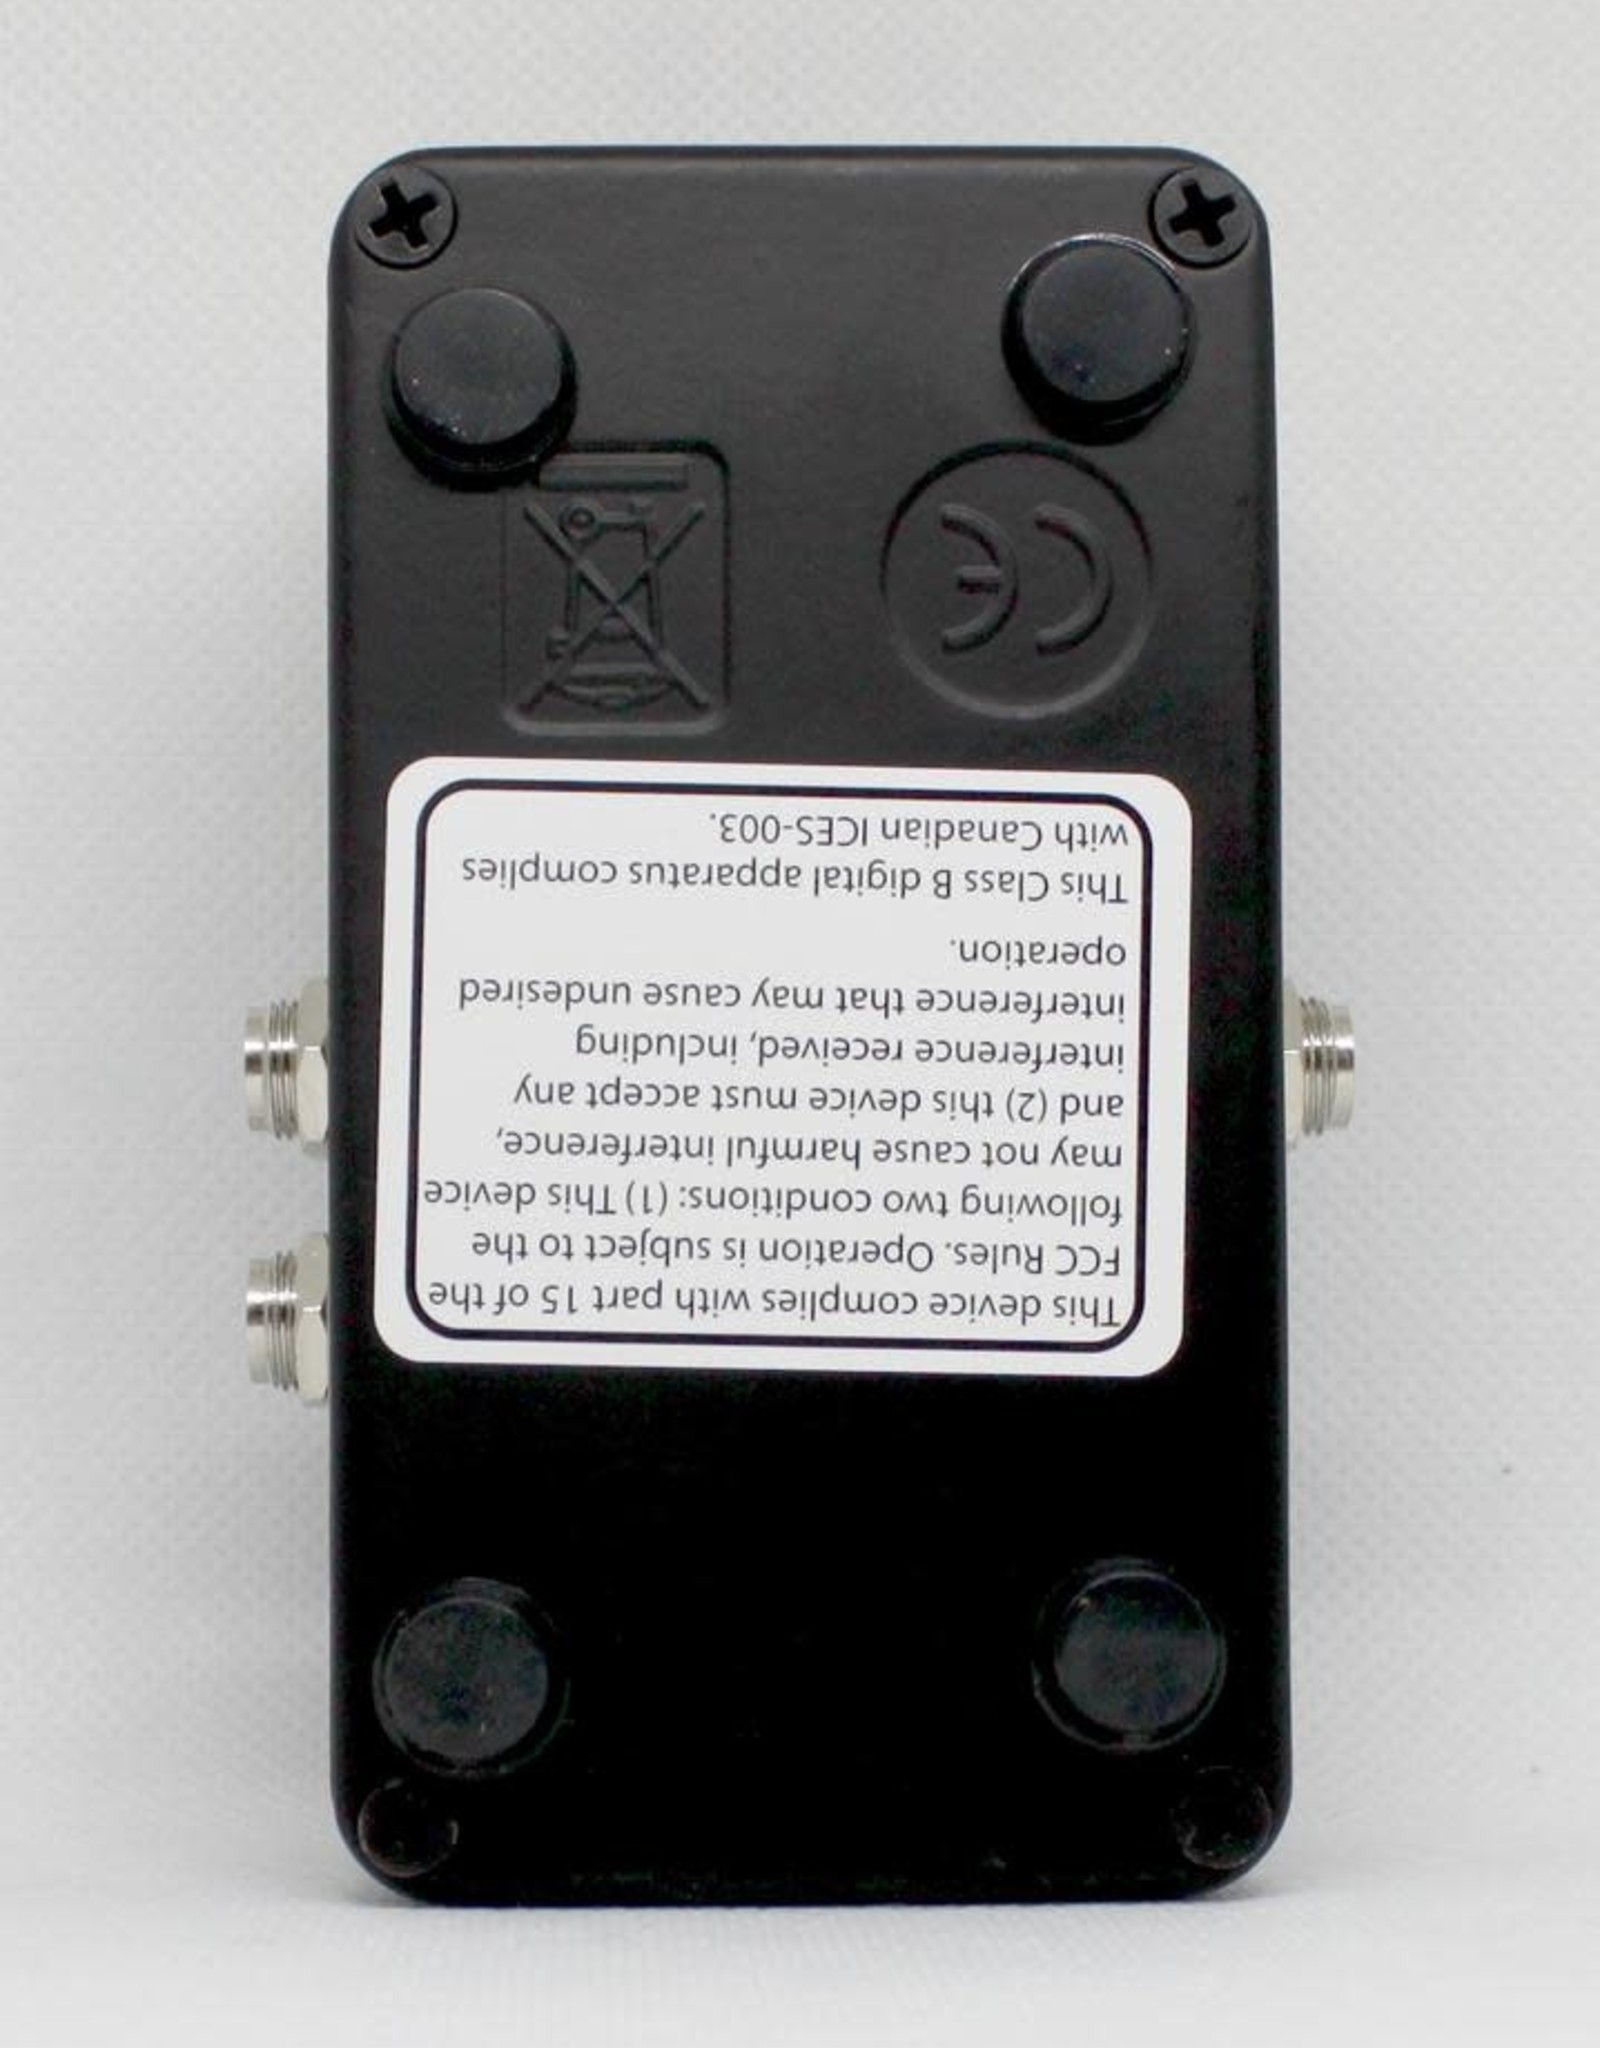 Electro-Harmonix Electro-Harmonix Oceans 11 -  Reverb, 9.6DC-200 PSU included